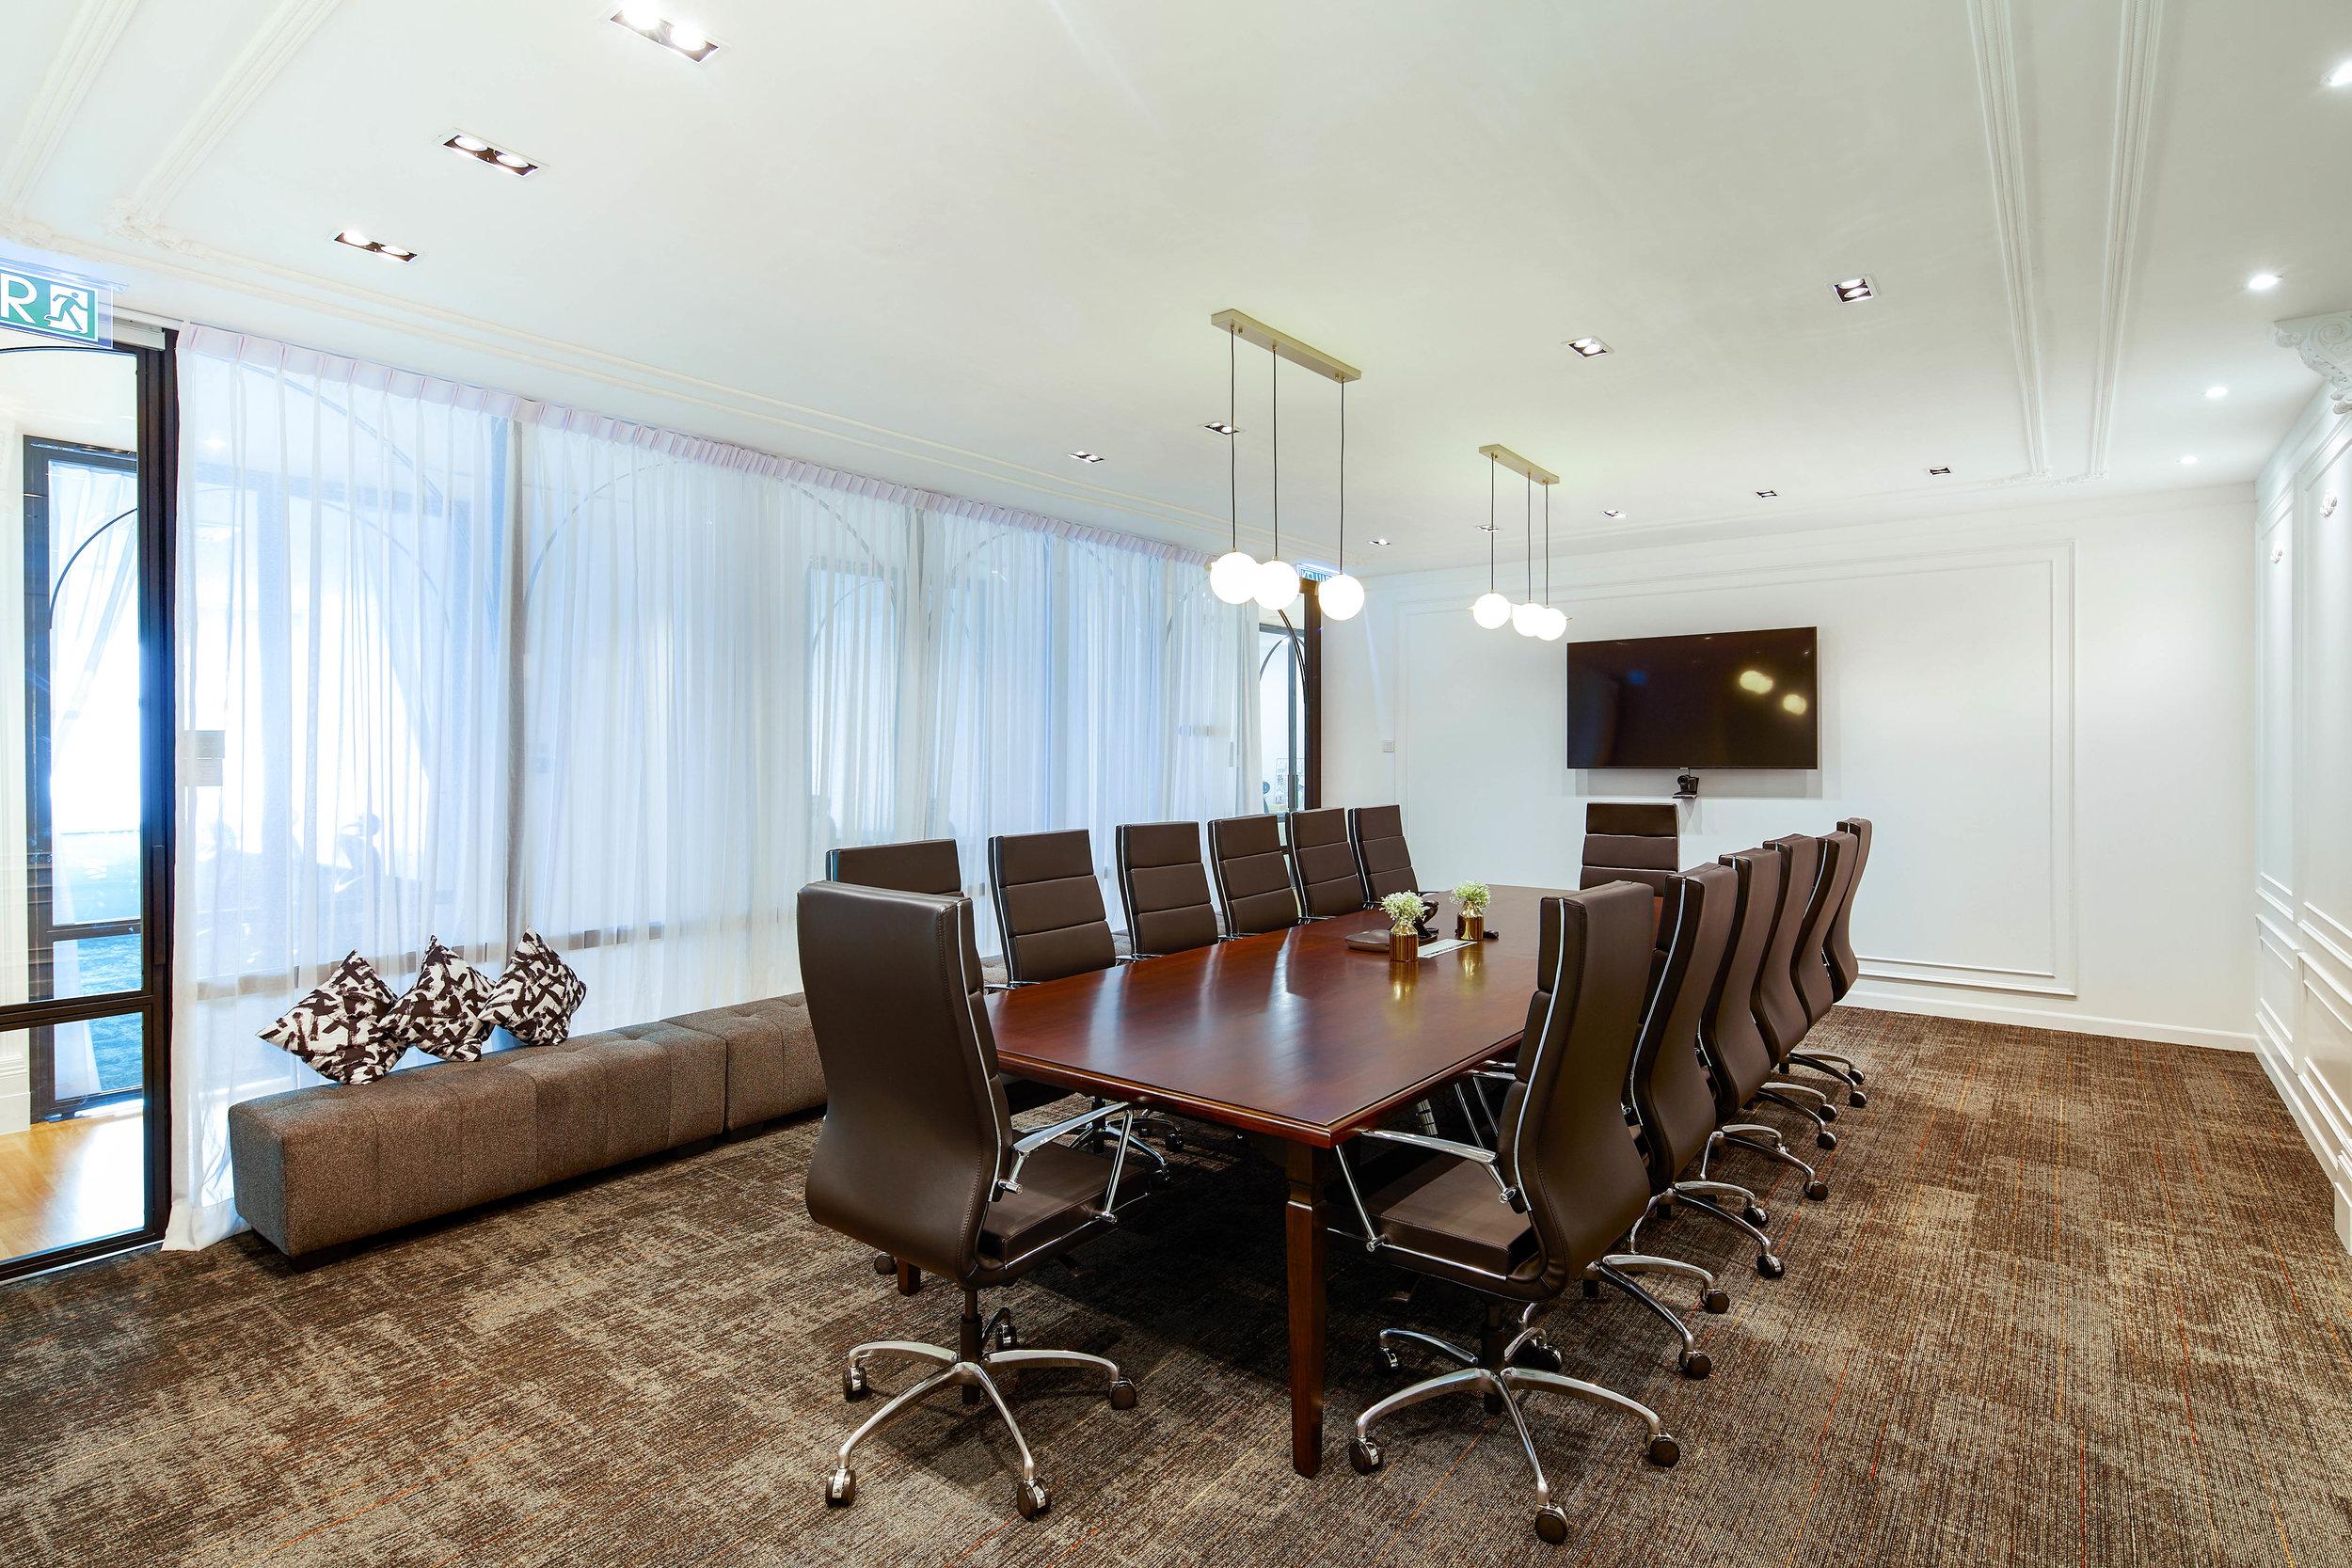 Magellan Meeting Room.jpg